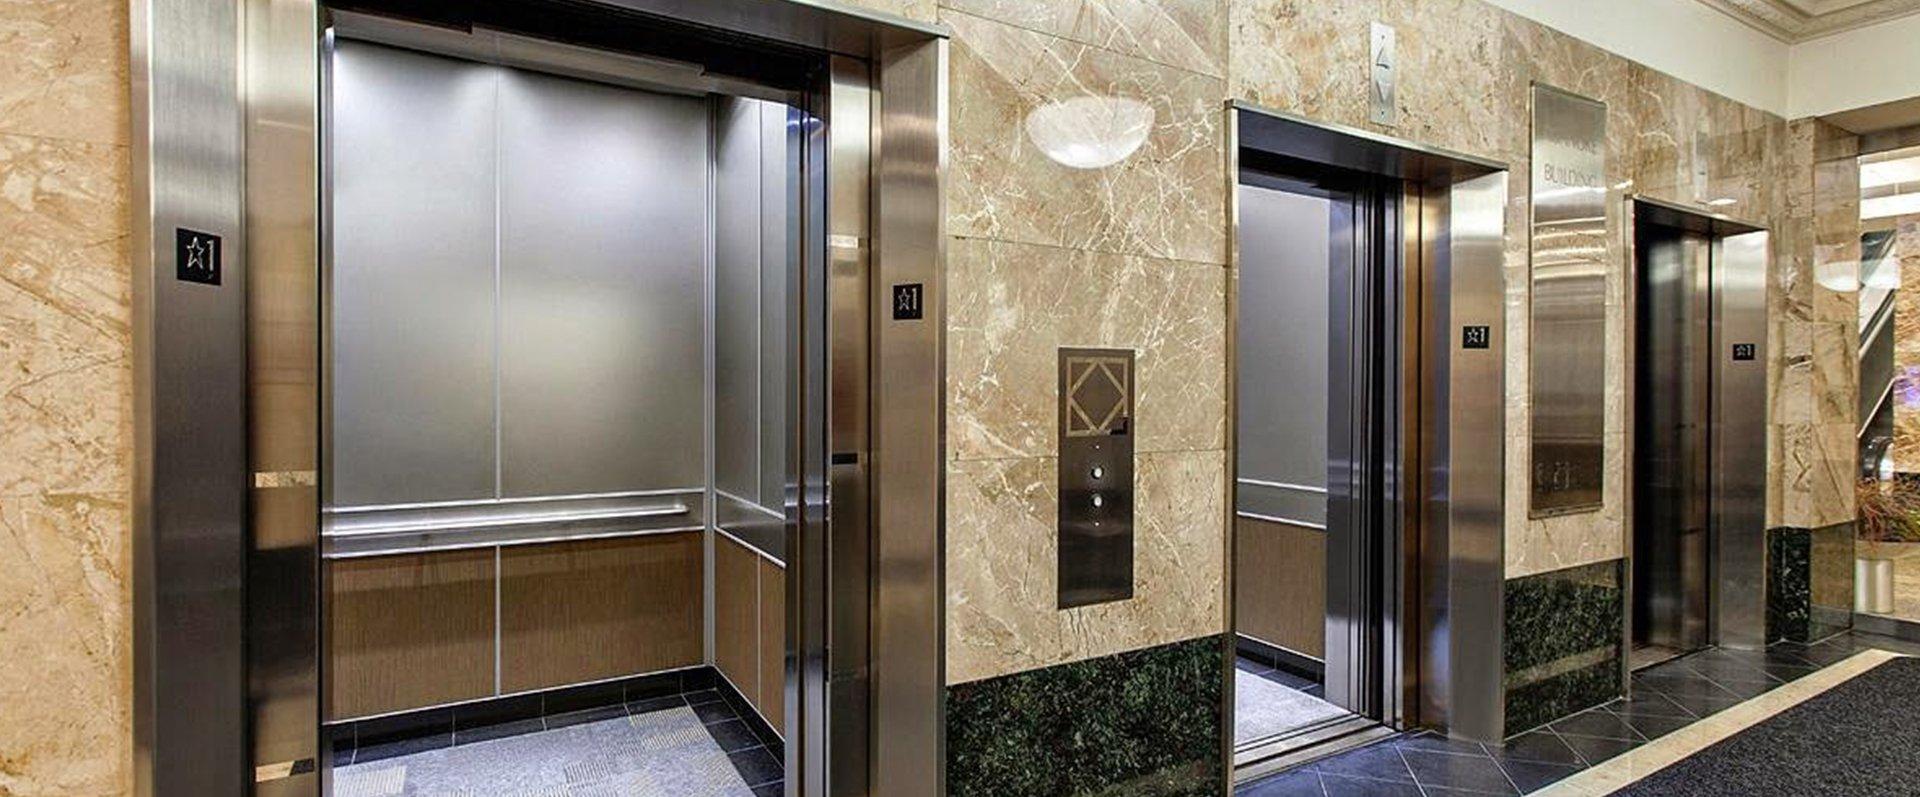 asansor-slide7